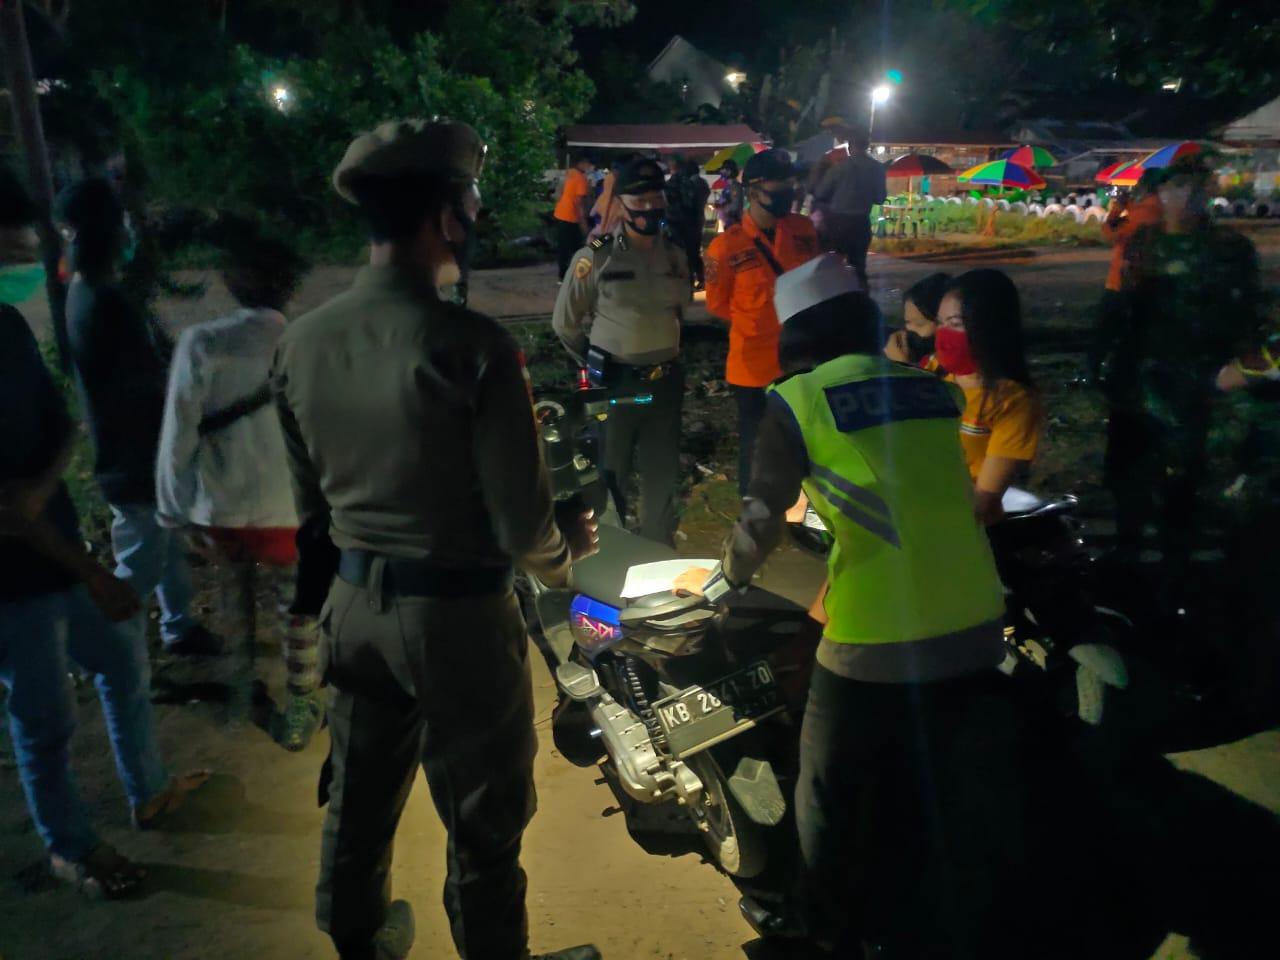 PATROLI MALAM SATLANTAS KETAPANG BERSAMA UKL 2 POLRES KETAPANG HIMBAUAH MASYARAKAT MEMATUHI PROTOKOL